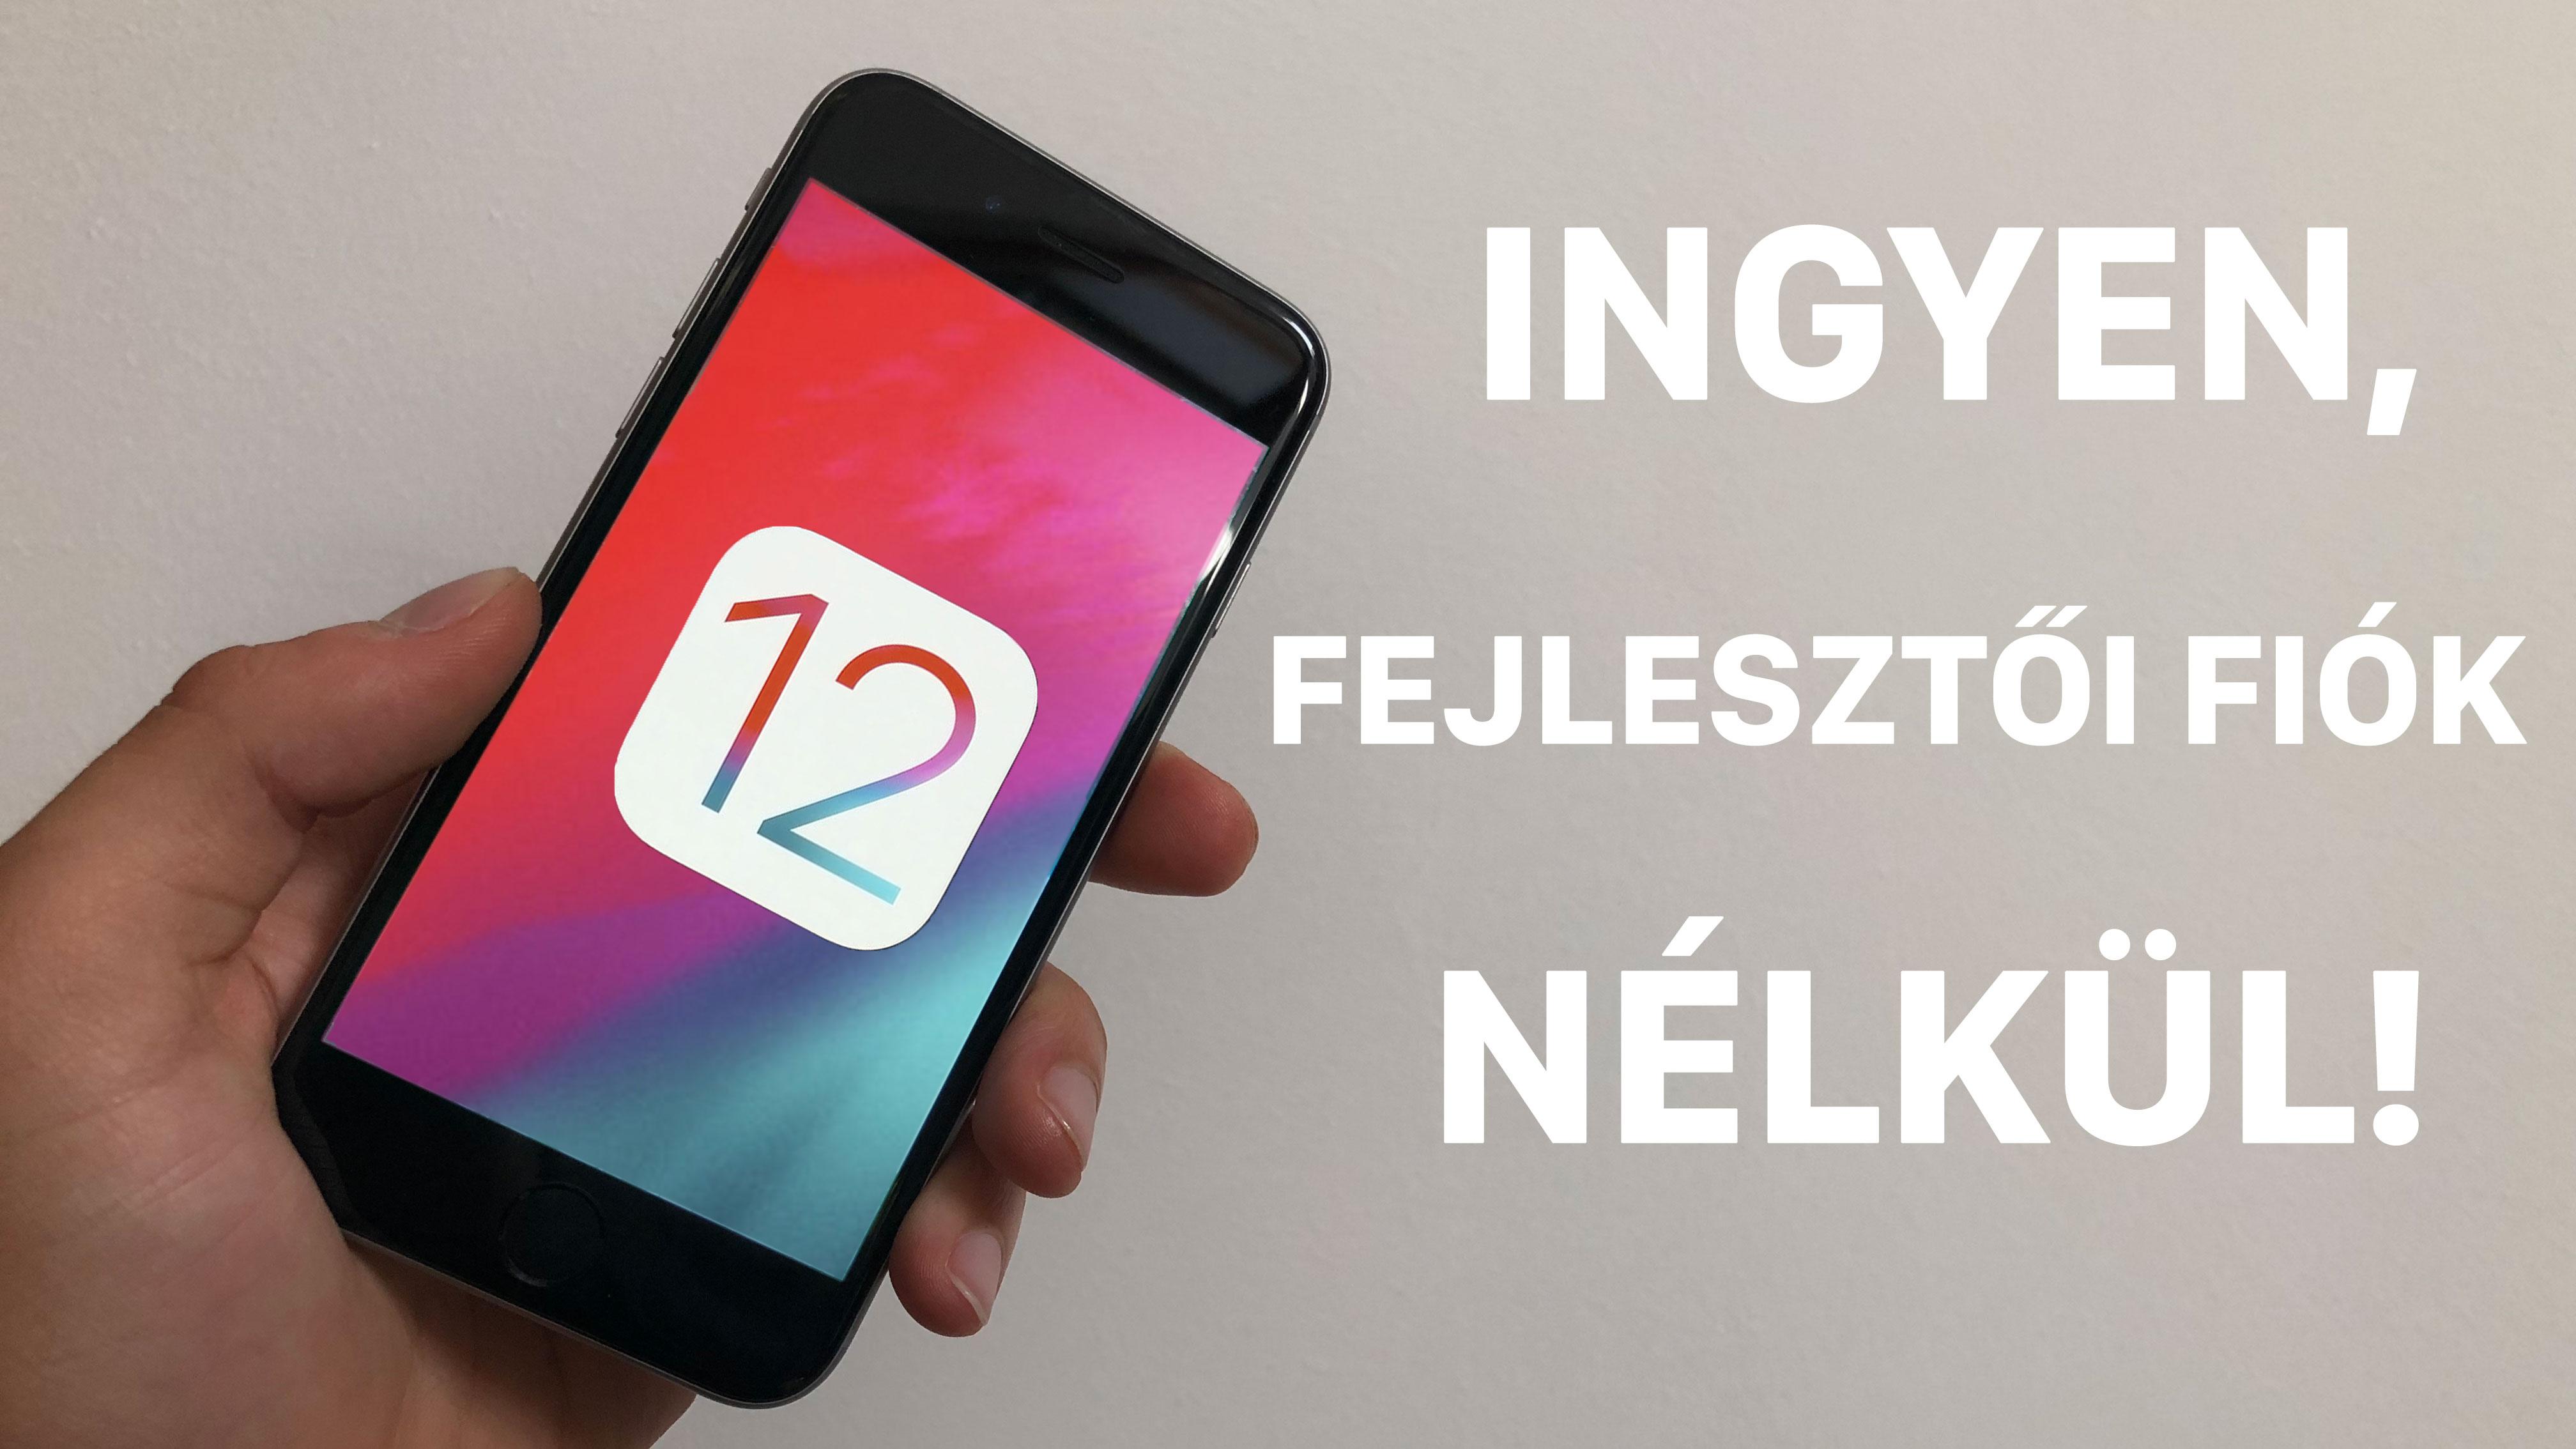 iOS 12 telepítése ingyen, fejlesztői fiók nélkül [videó]